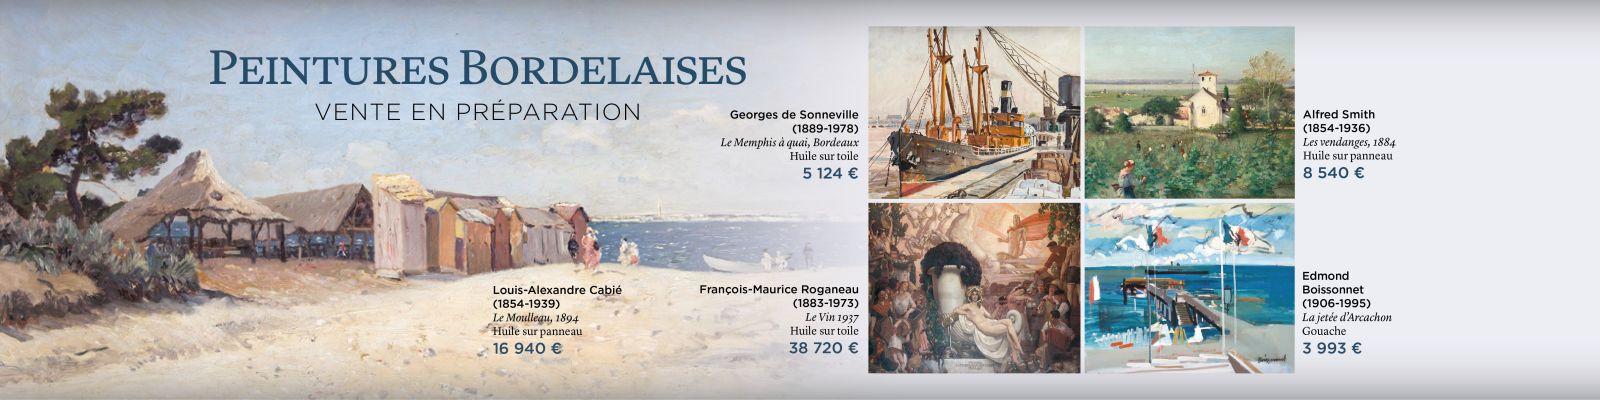 Peinture peintre bordelais Bordeaux estimation vente aux enchères